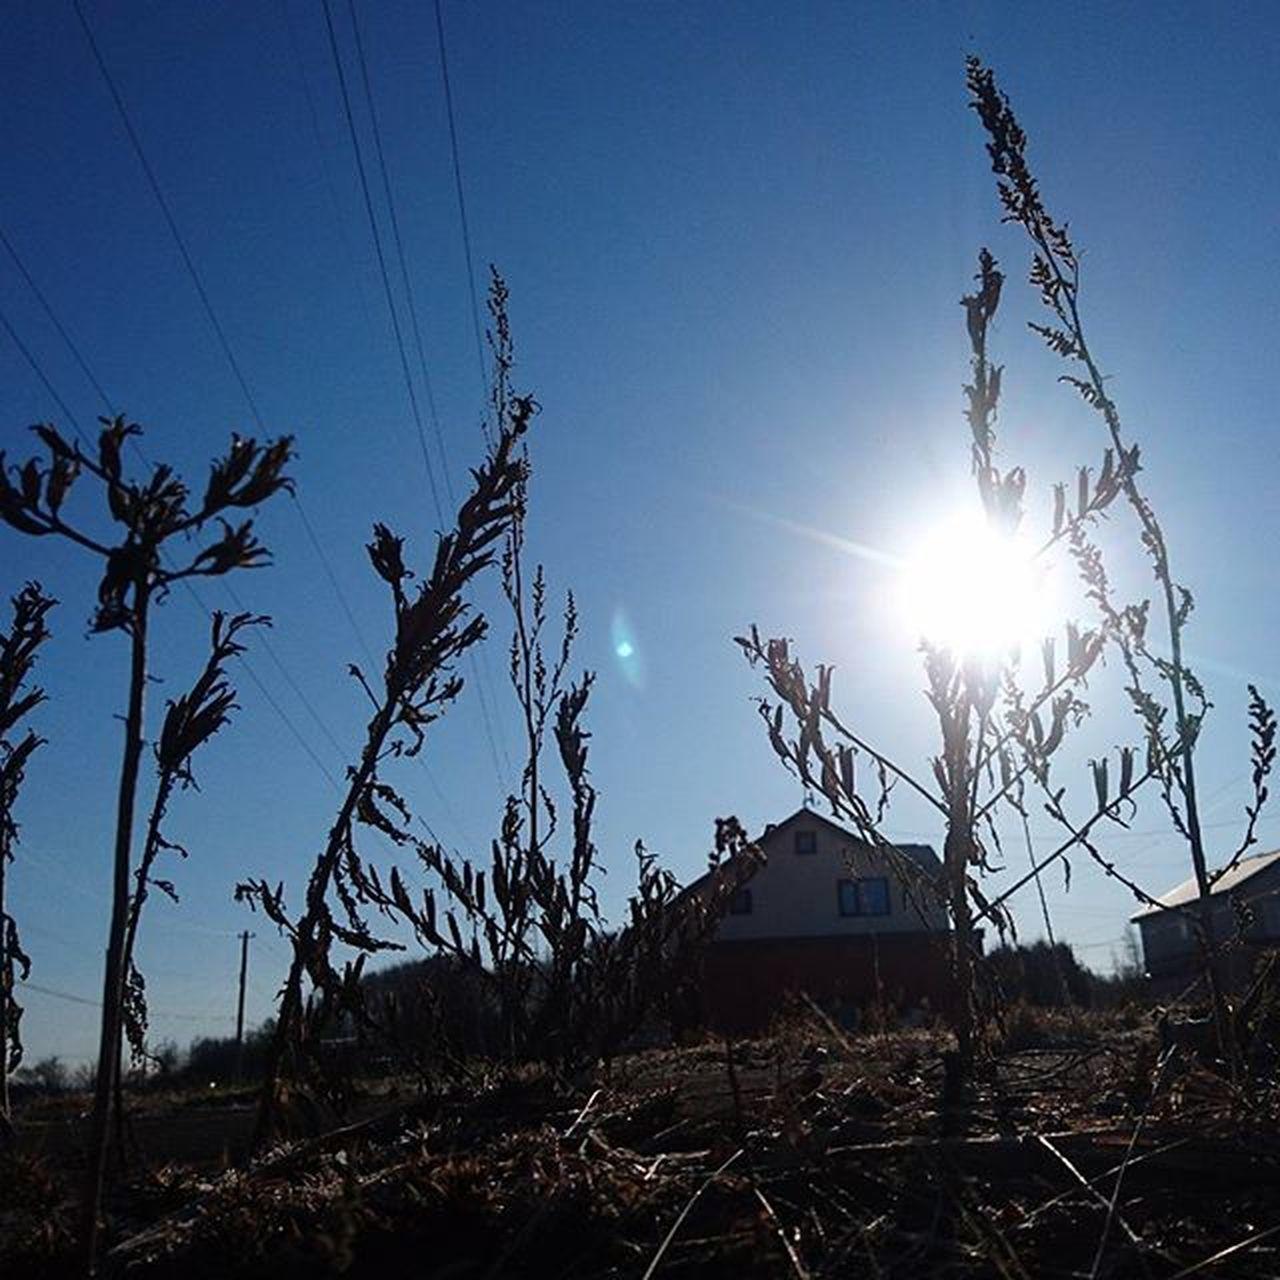 なおphoto 朝陽🌅 枯れ草 おはようございます(๑´ㅂ`๑)☀ 今週もゆるりとよろしくねぇ( ´͈౪`͈ )